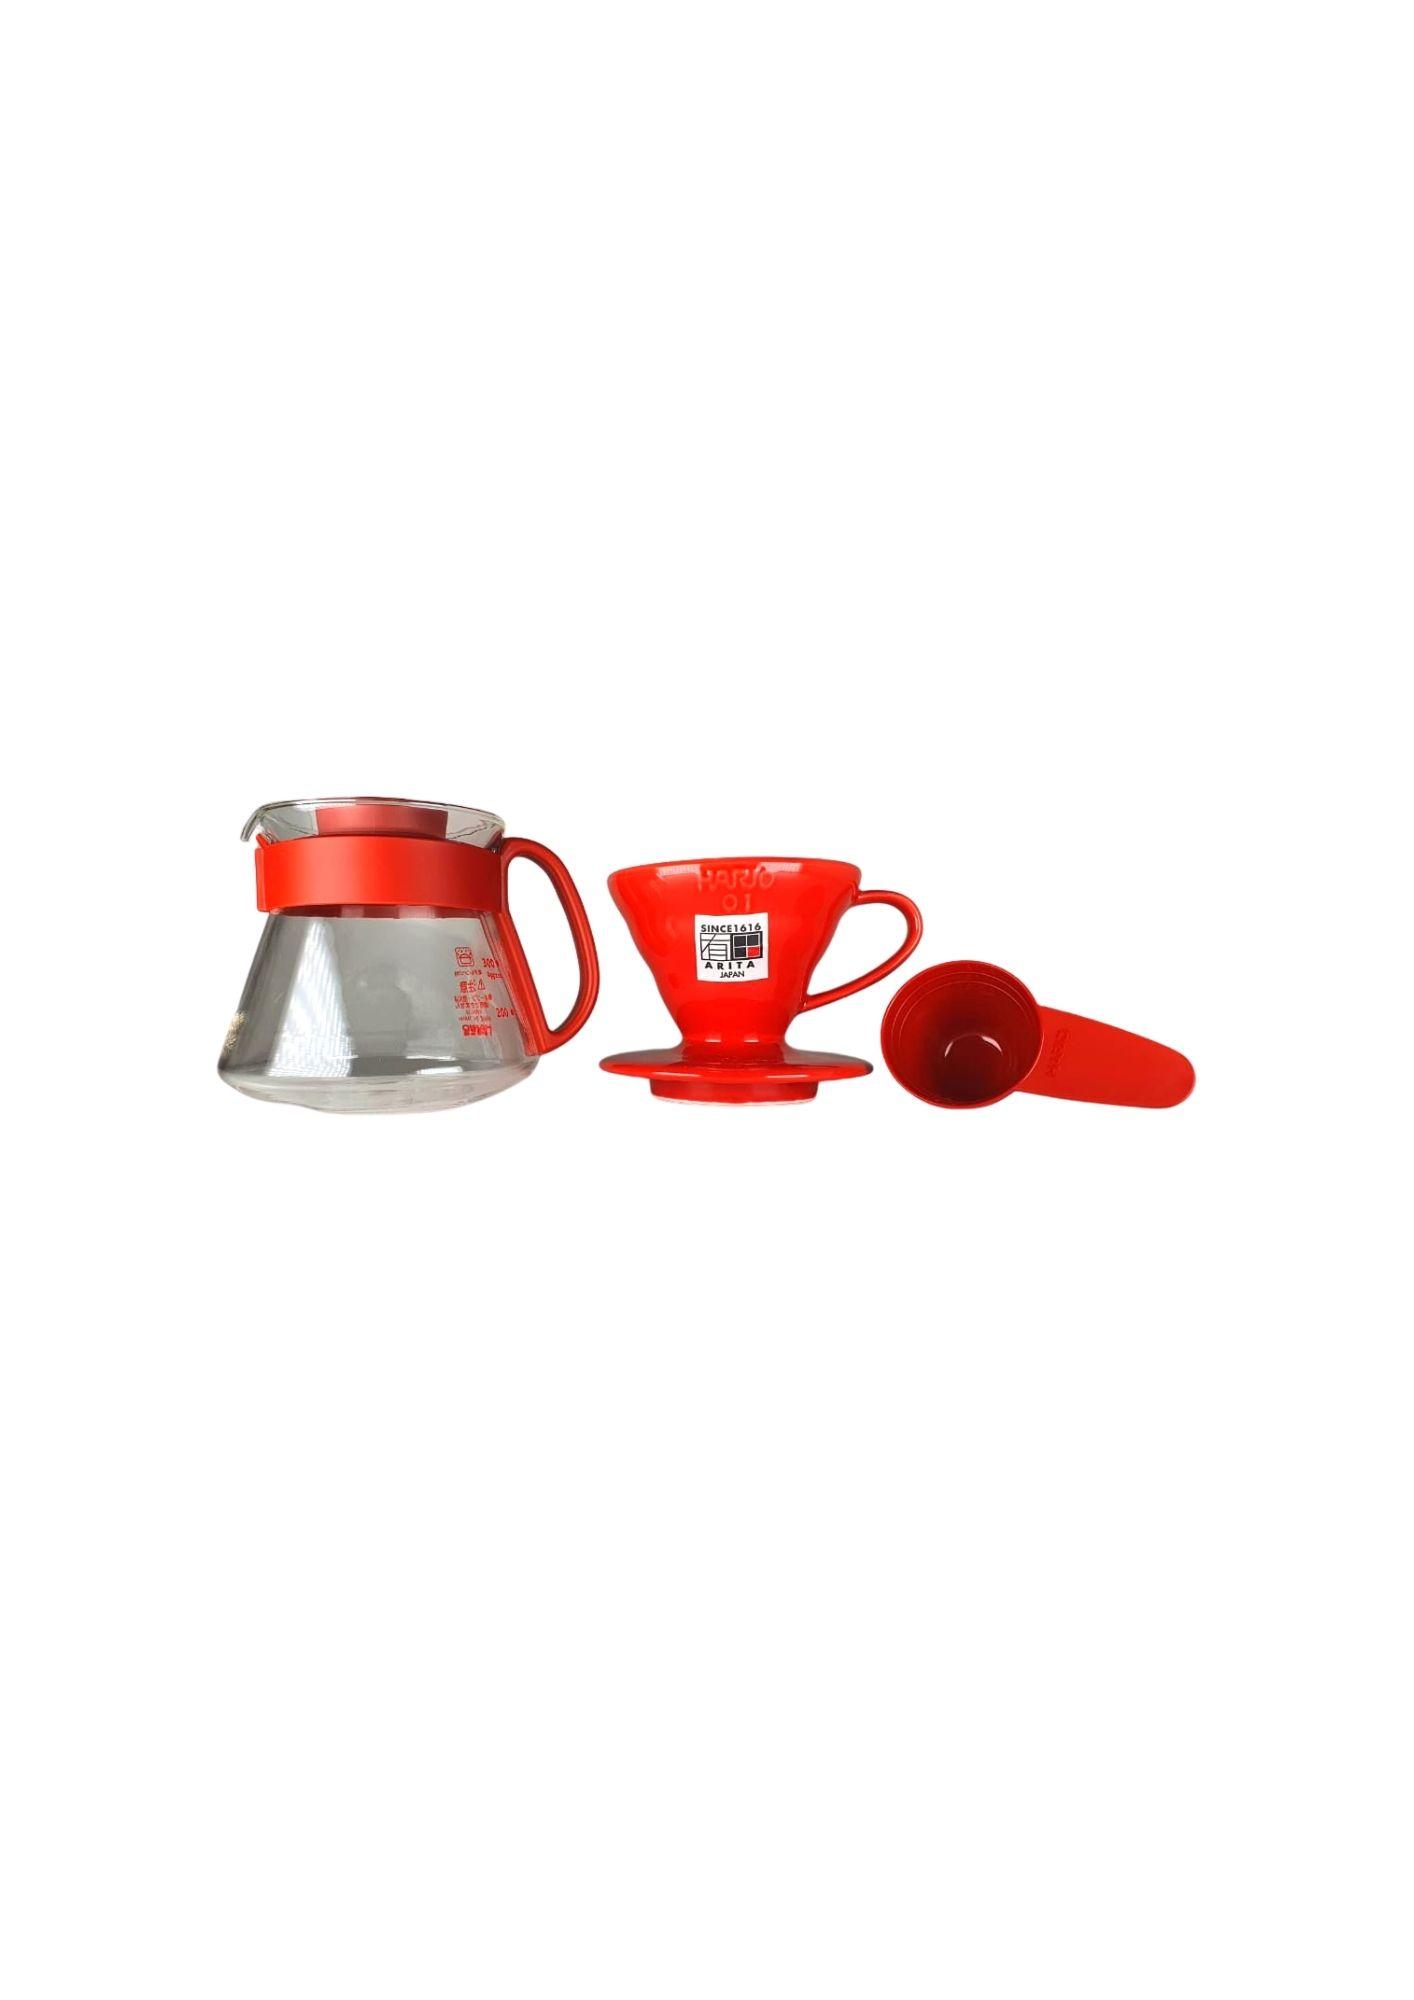 HARIO KIT V60 VDS-3012 RED